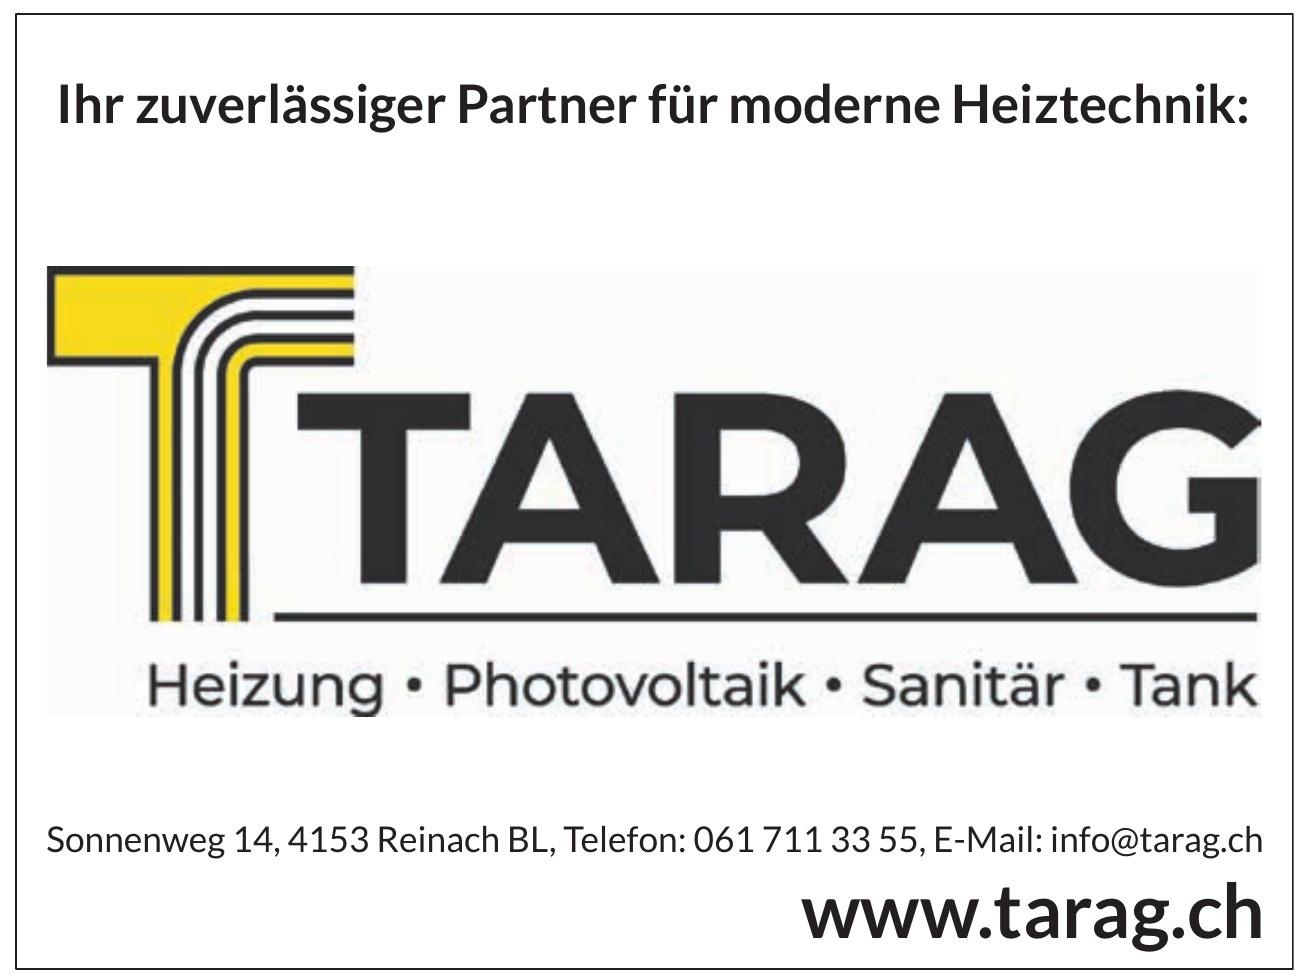 Tarag